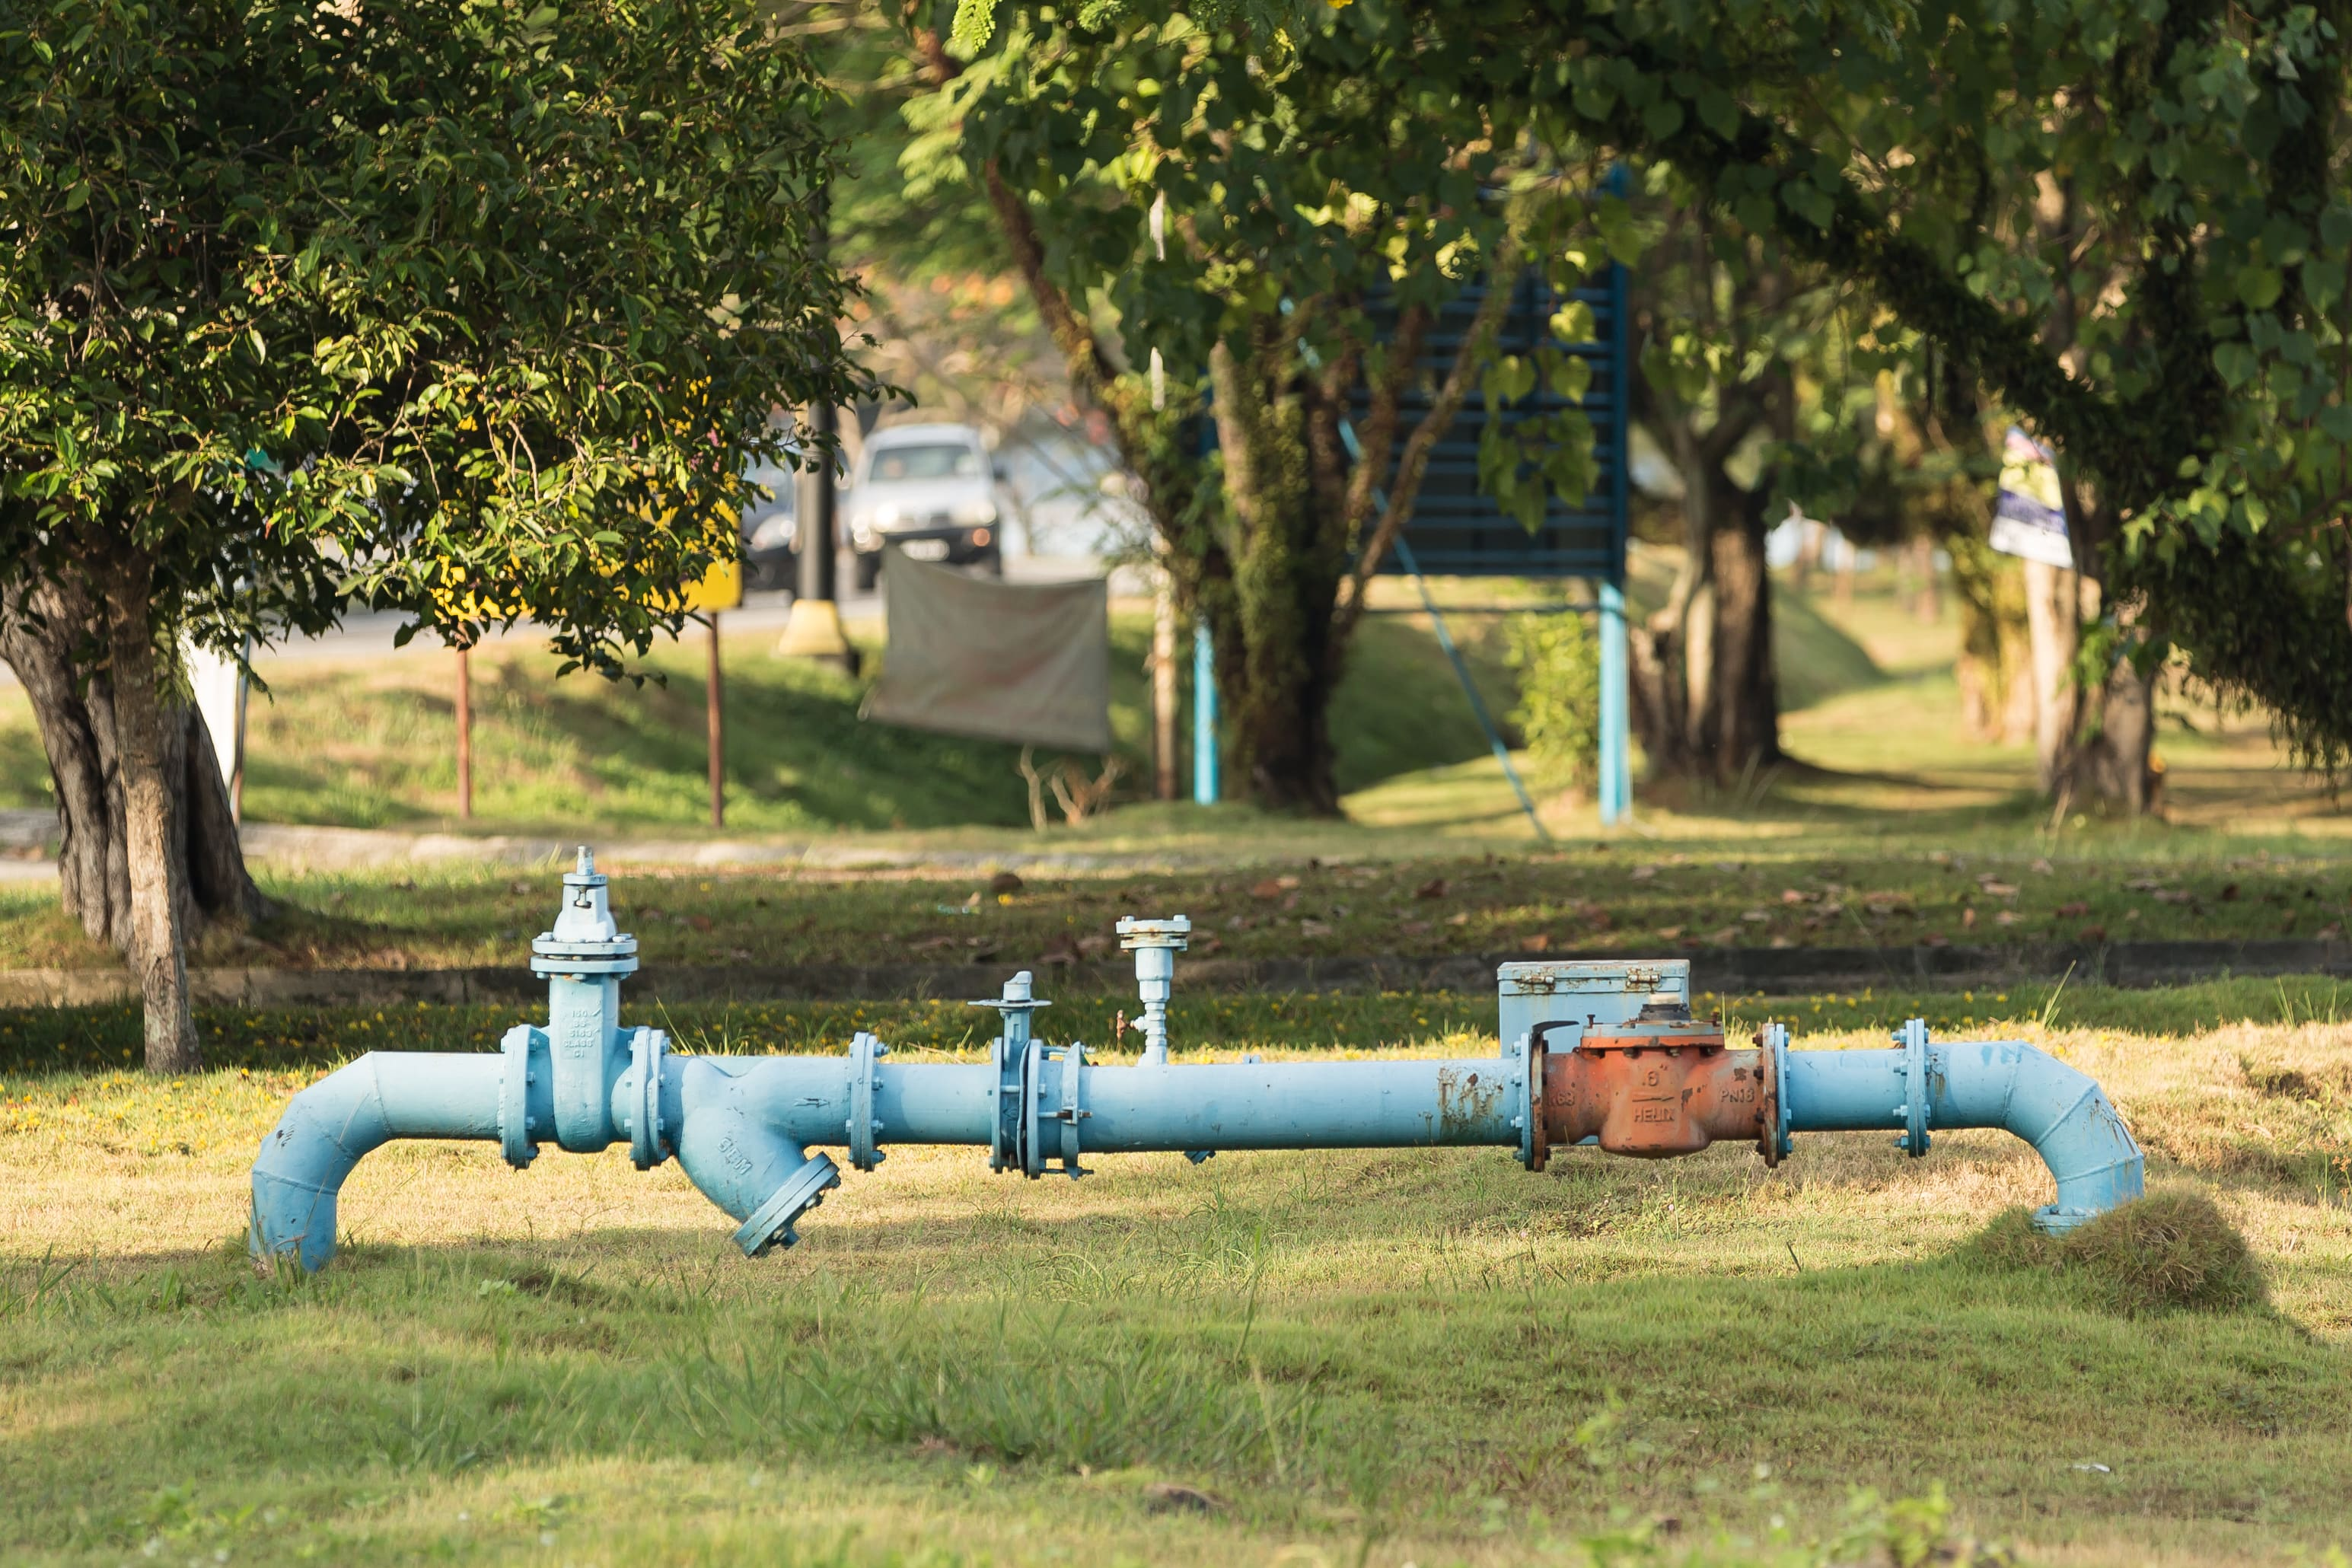 About a third of Texans still facing disrupted water supplies - CNN